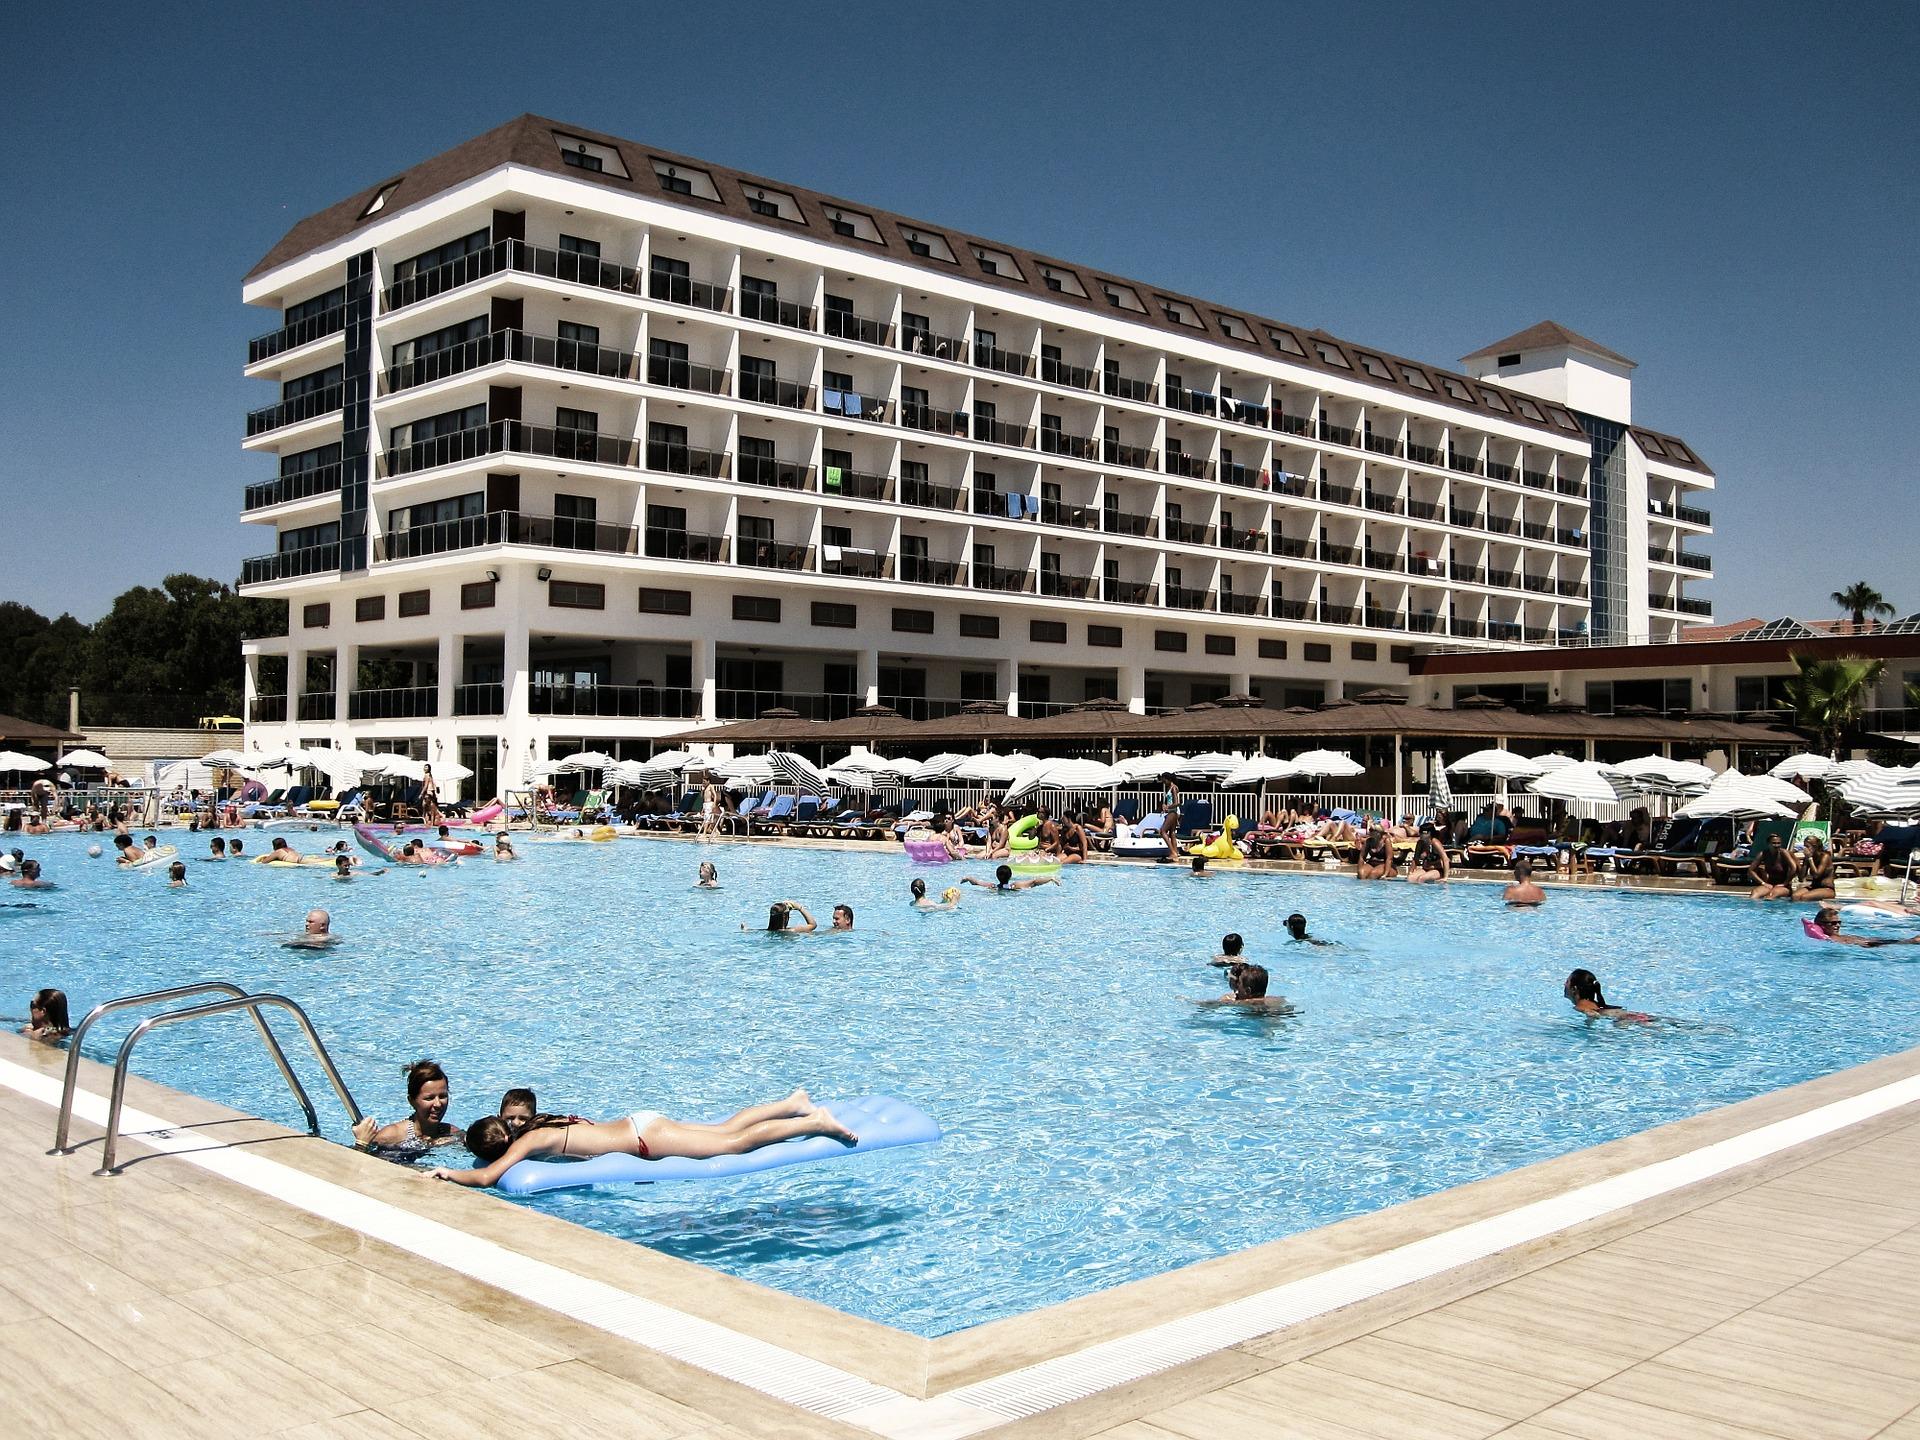 Турецькі готелі відкладають відкриття: що буде з відпочинком у новому сезоні